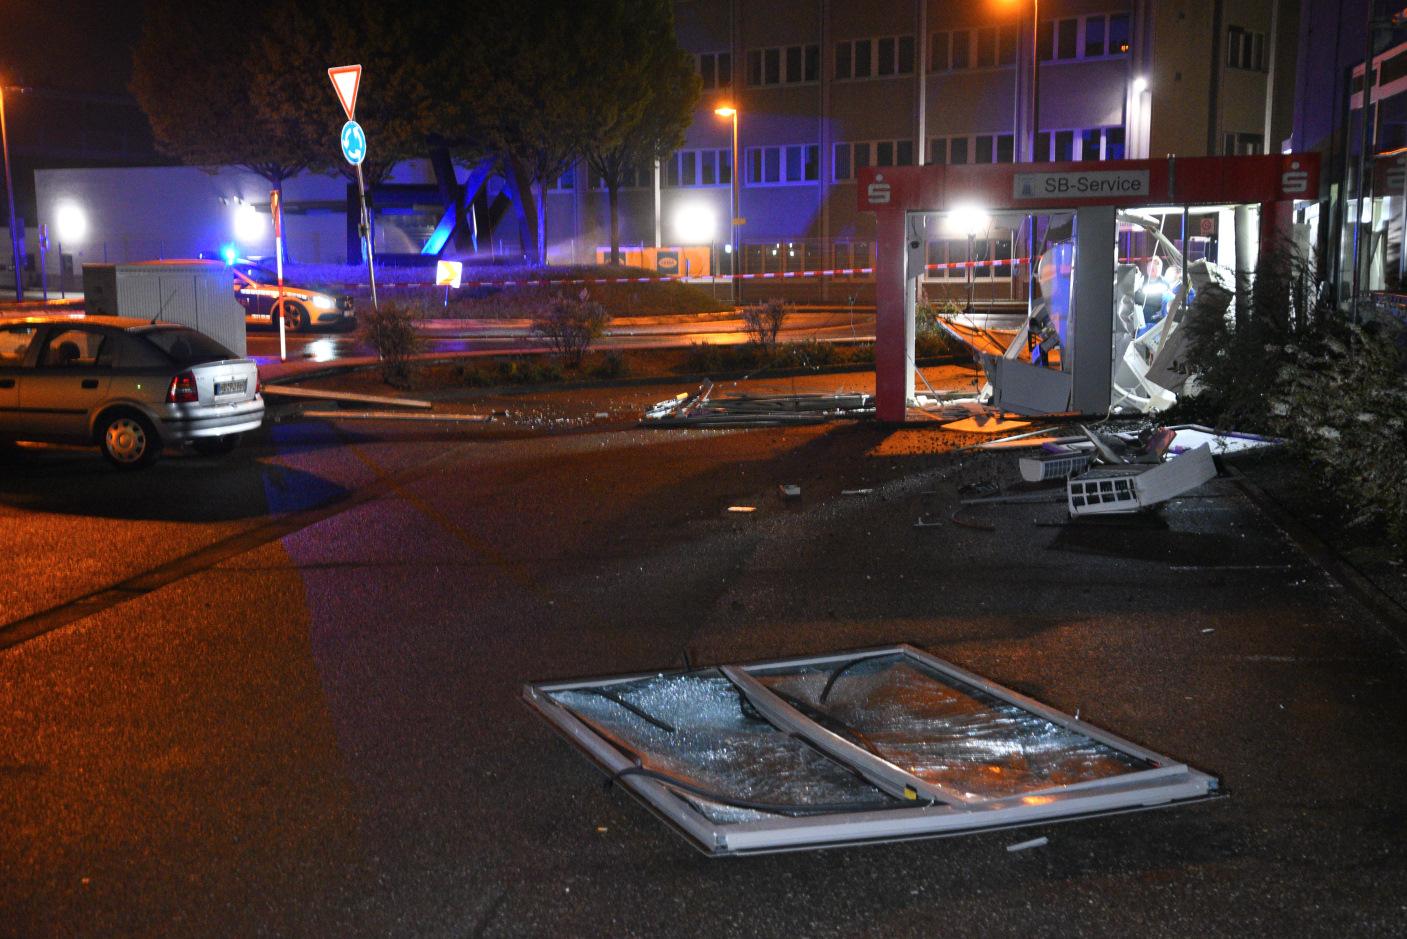 Brühl: Sprengung eines Geldautomaten -  silbernes Fahrzeug vom Tatort geflüchtet - überregionale Fahndung mit allen verfügbaren Kräften